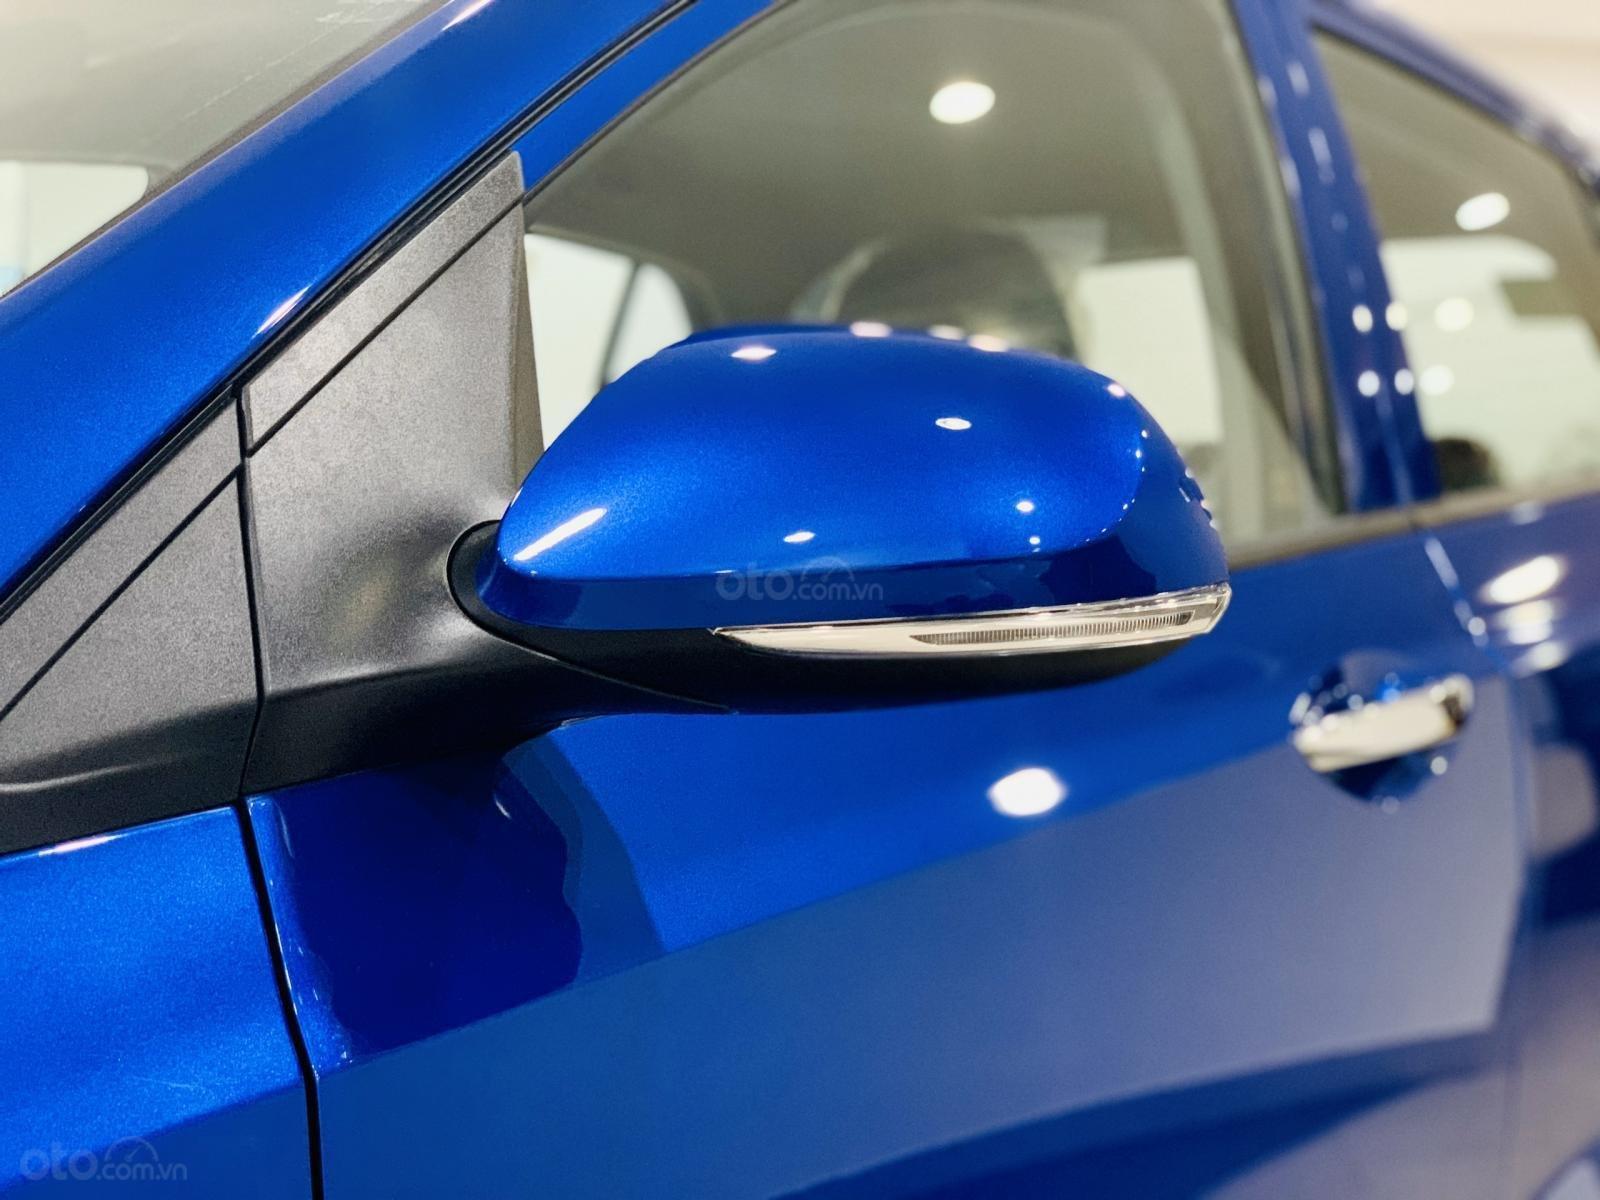 Xe Grand i10 xả kho cuối năm, giá sốc chưa từng có - Liên hệ ngay 0939.63.95.93 (4)